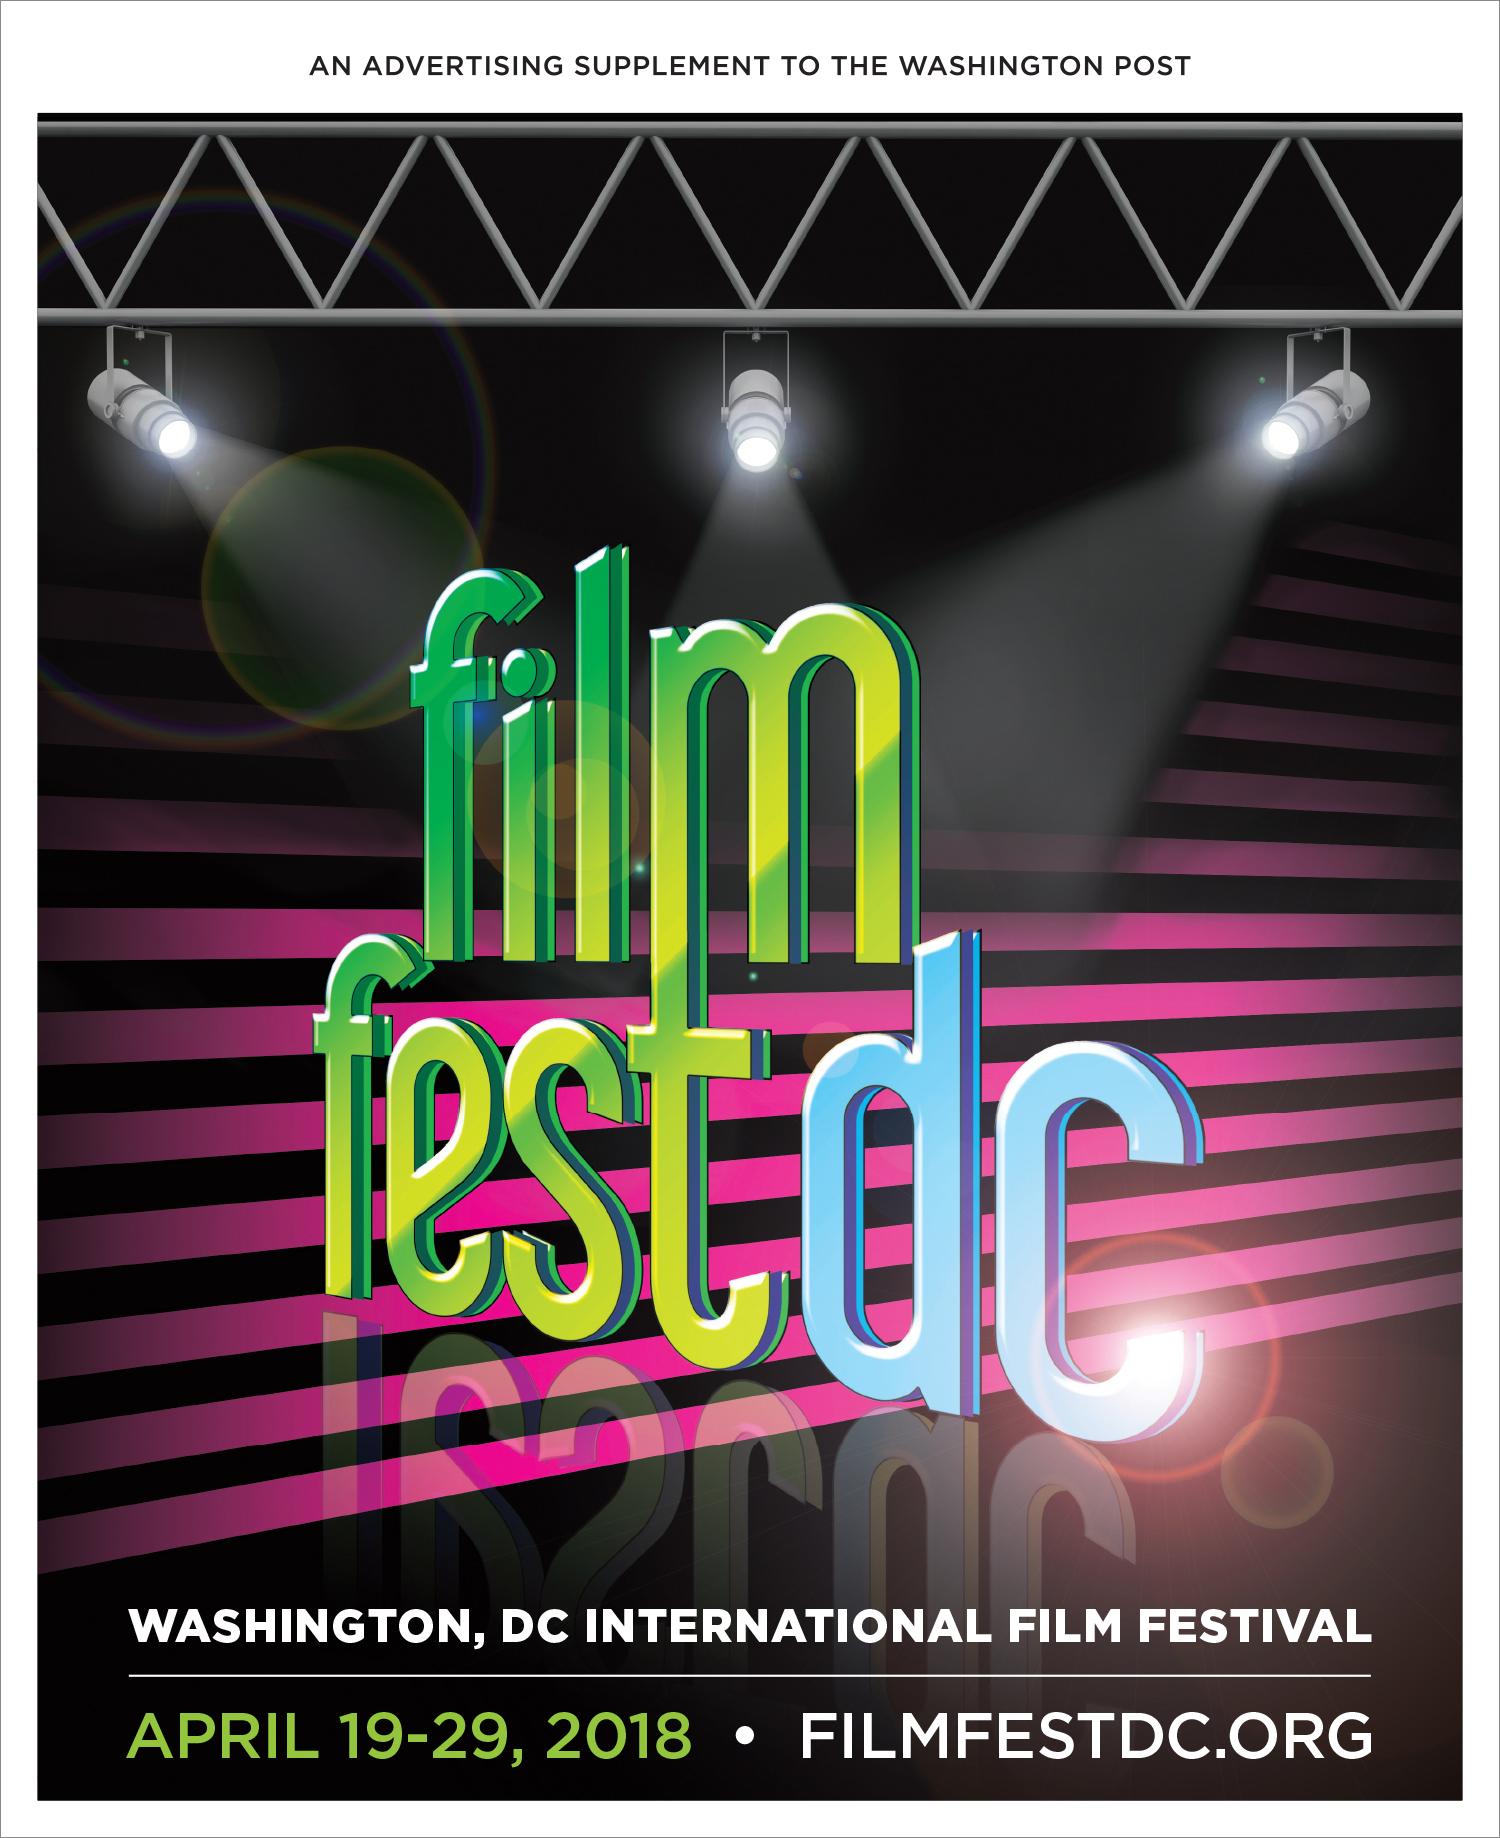 2018_FilmfestDC_WAPO_03.jpg